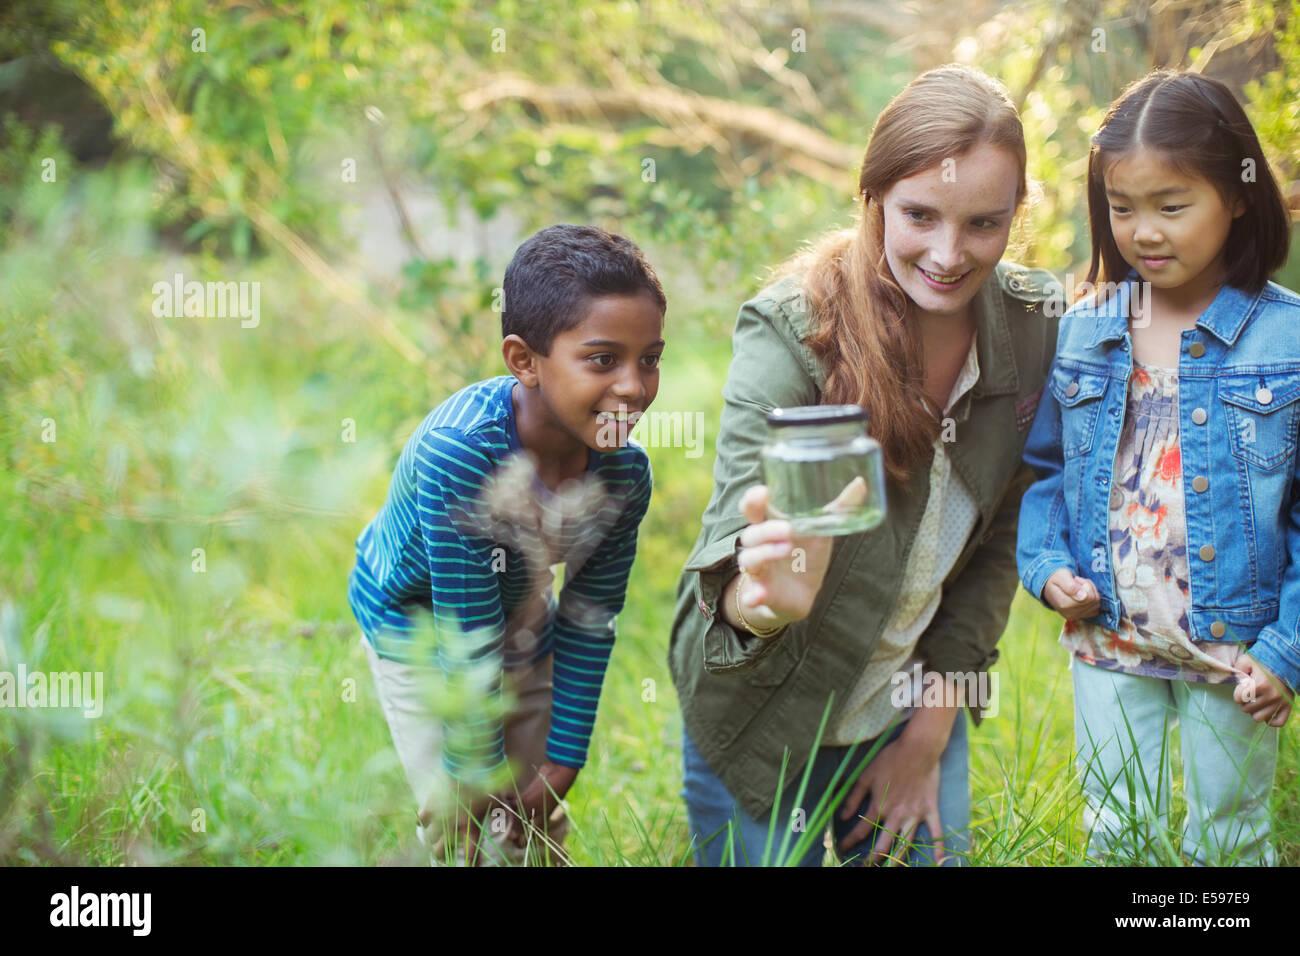 Studente e insegnante esaminando gli insetti in vaso Immagini Stock